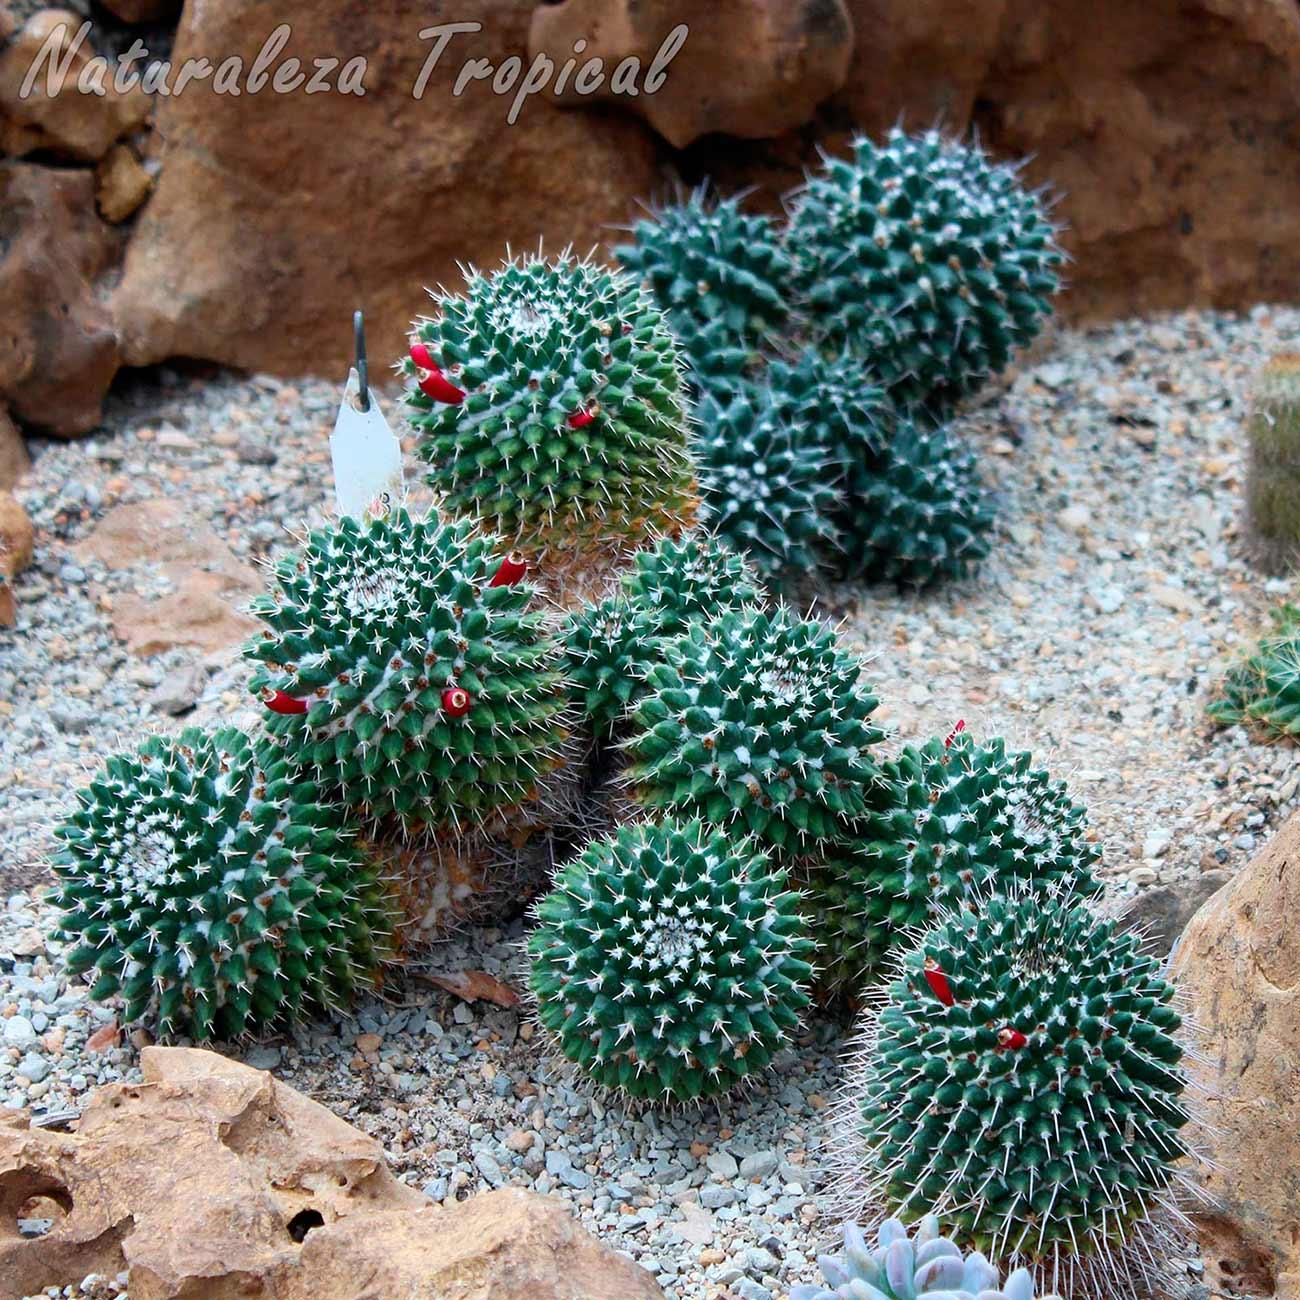 Cactus del género Mammillaria creciendo en un xerojardín